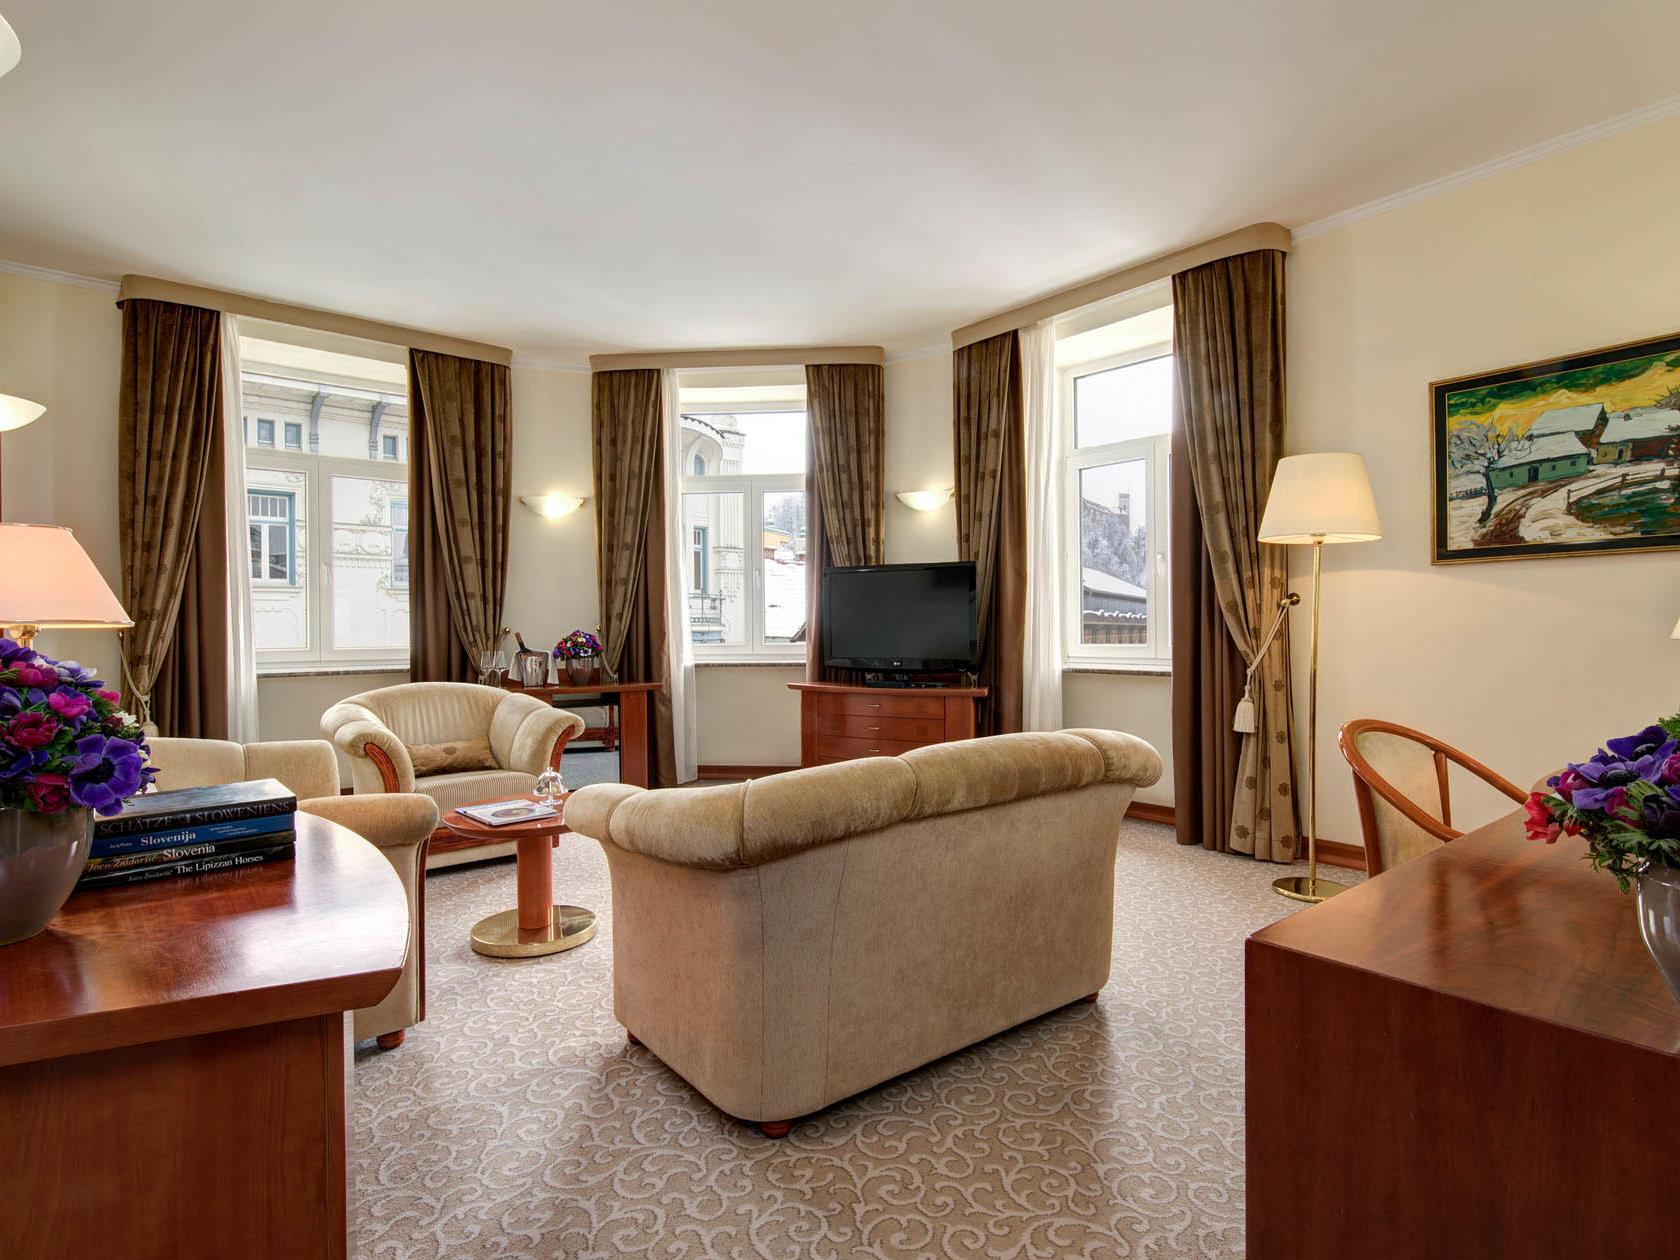 Presidential Suite at Grand Hotel Union in Ljubljana